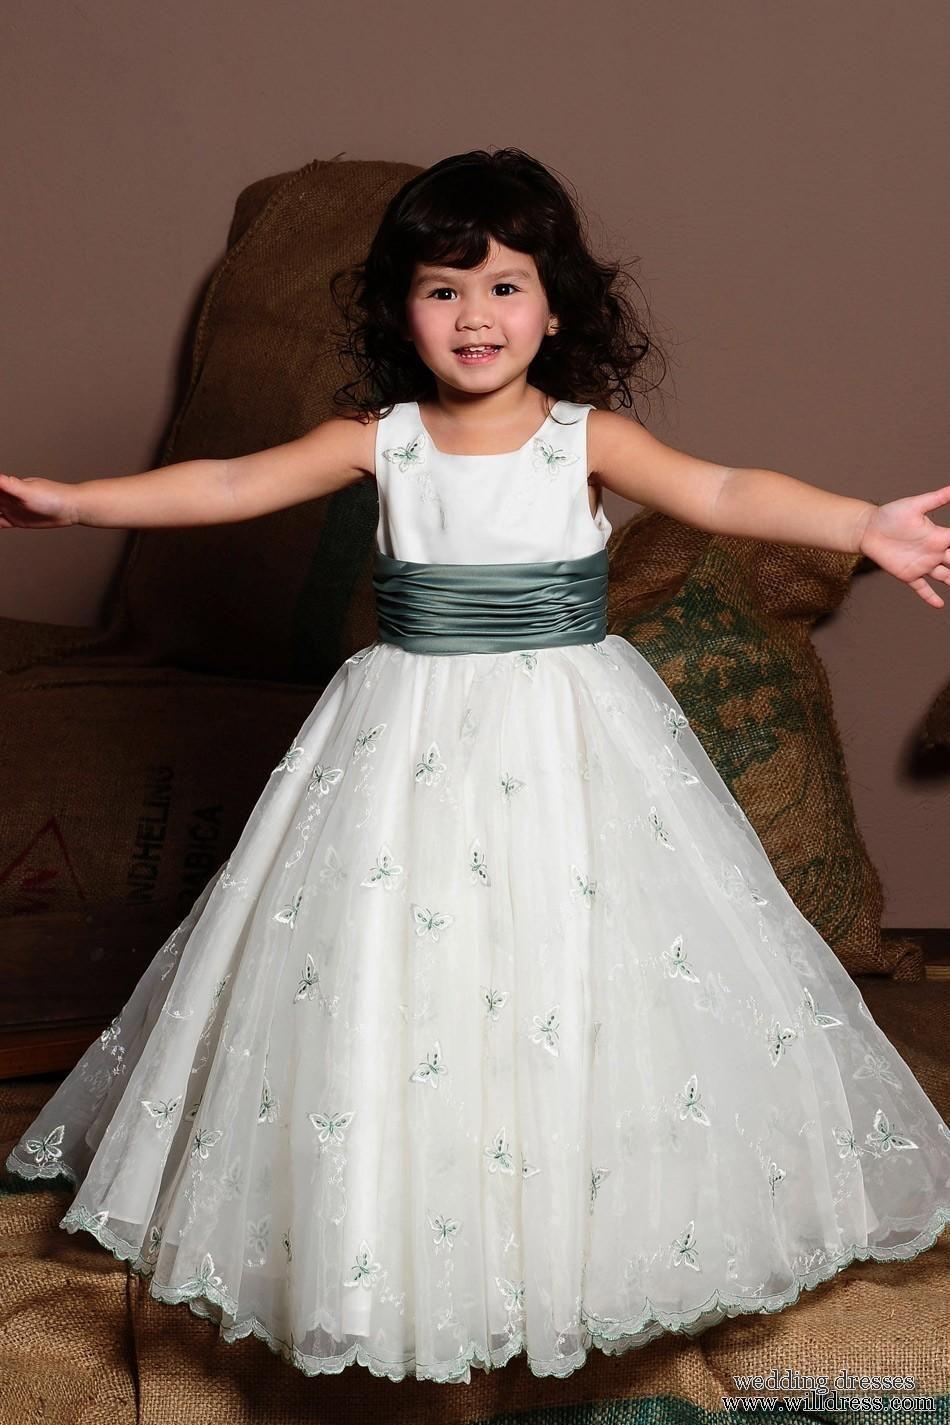 Fotos de vestidos para niñas- Cortejo de bodas - Paperblog